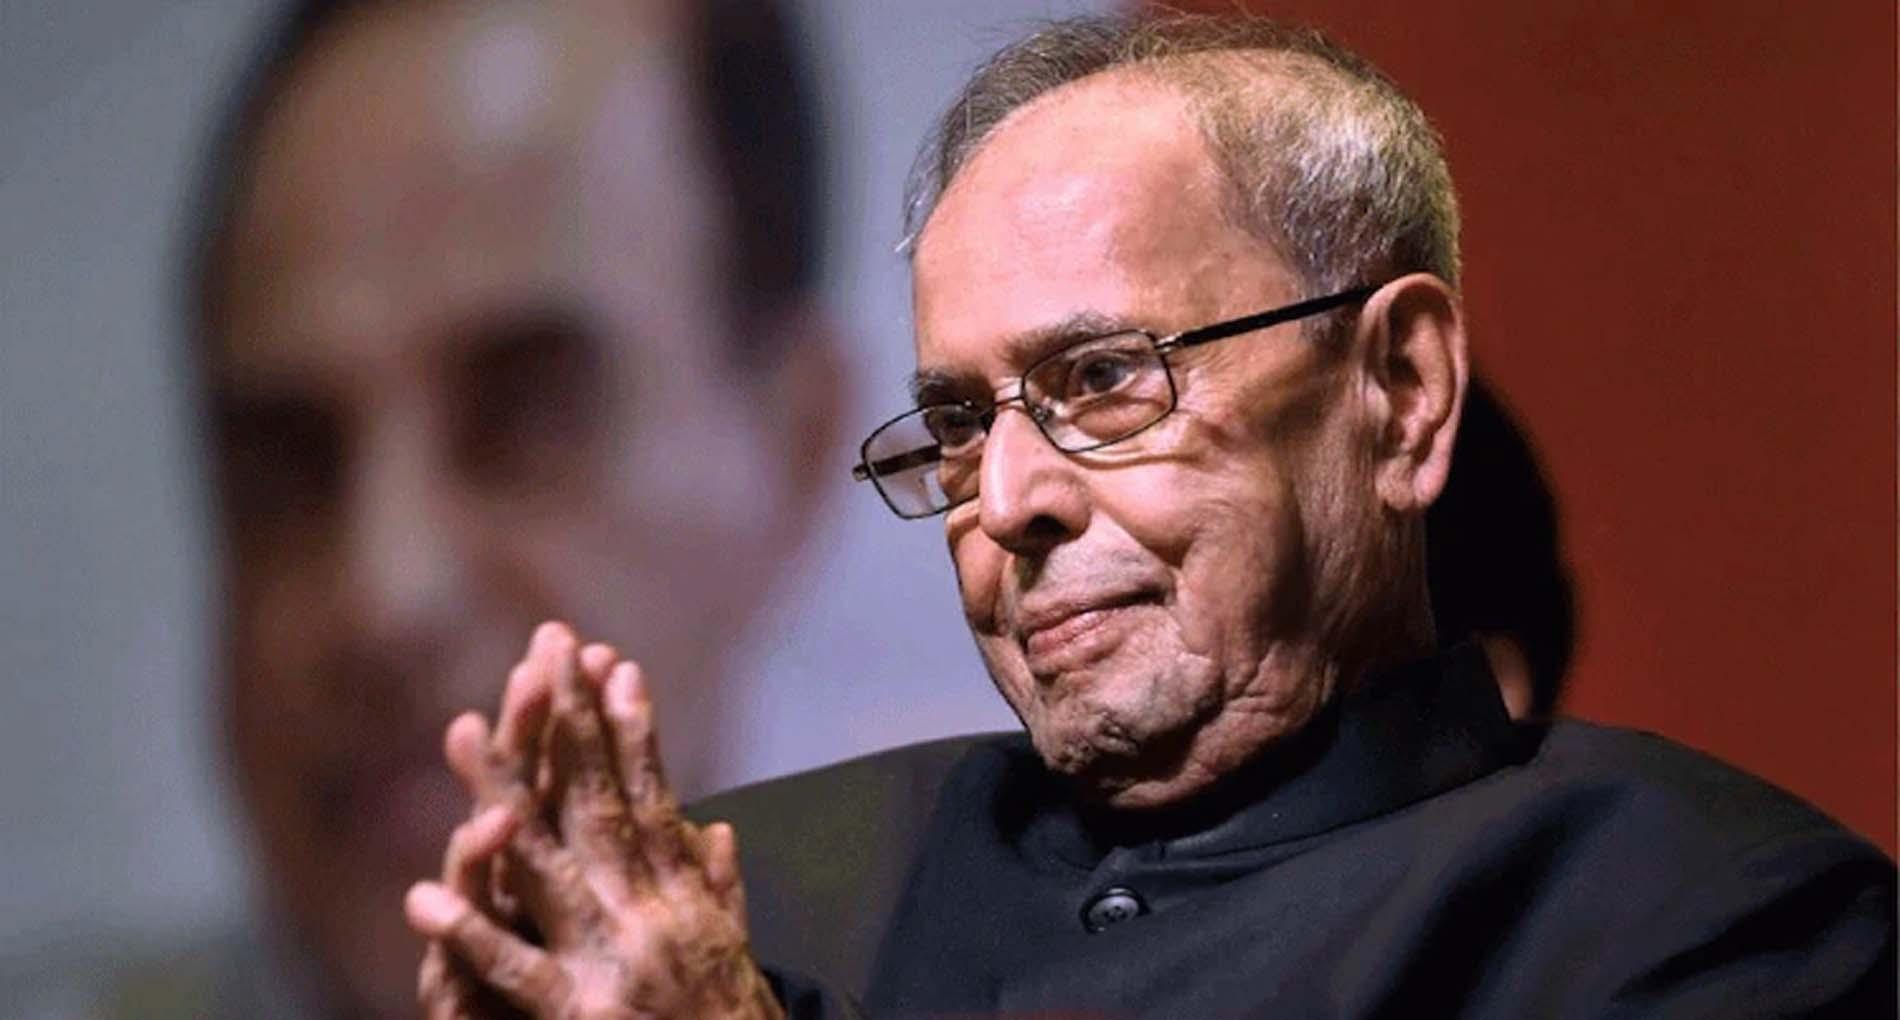 पूर्व राष्ट्रपति प्रणब मुखर्जी का निधन, 84 साल की उम्र में ली अंतिम सांस